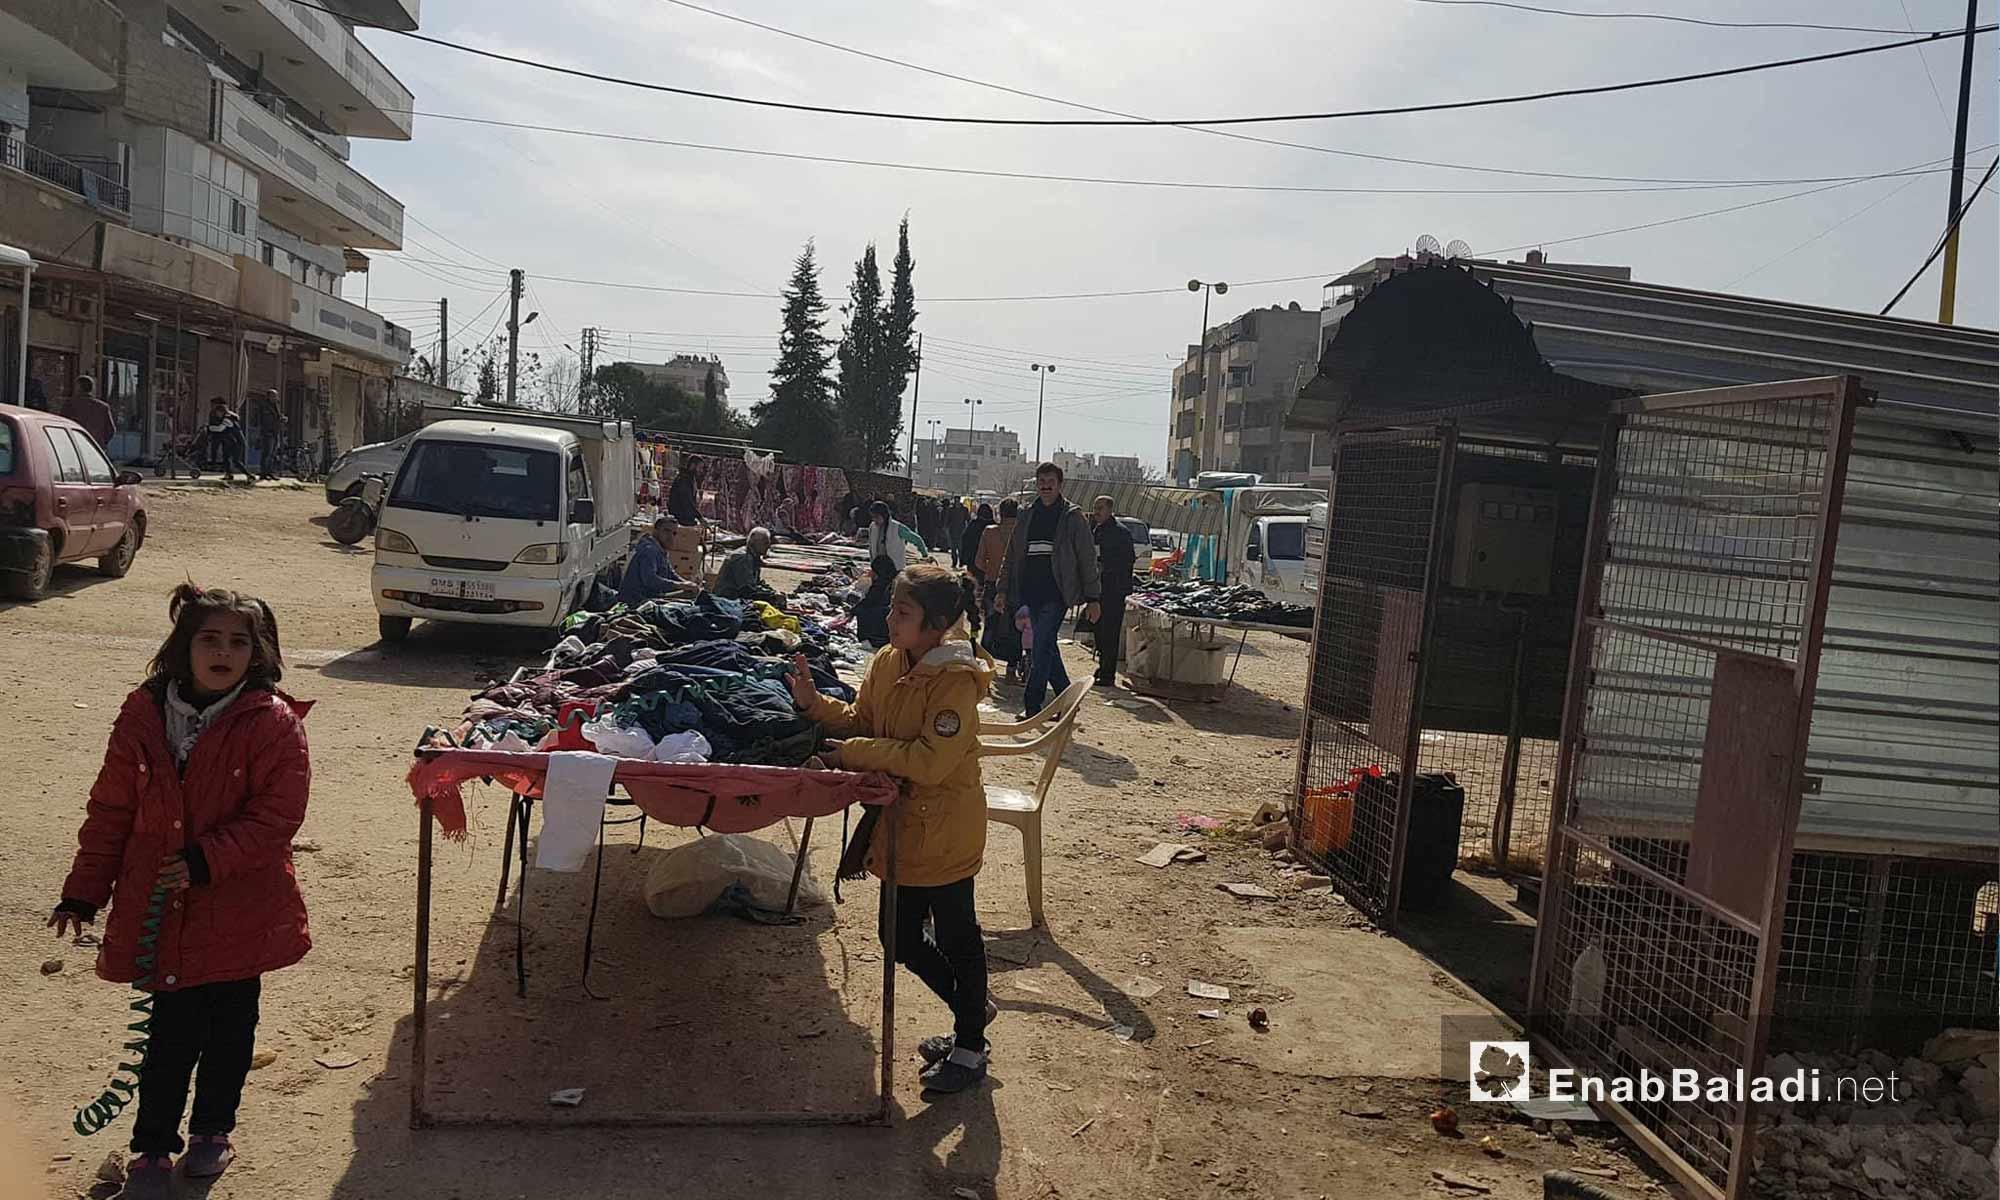 حركة البيع والشراء في سوق حطين في مدينة القامشلي شمالي سوريا - 4 شباط 2018 (عنب بلدي)